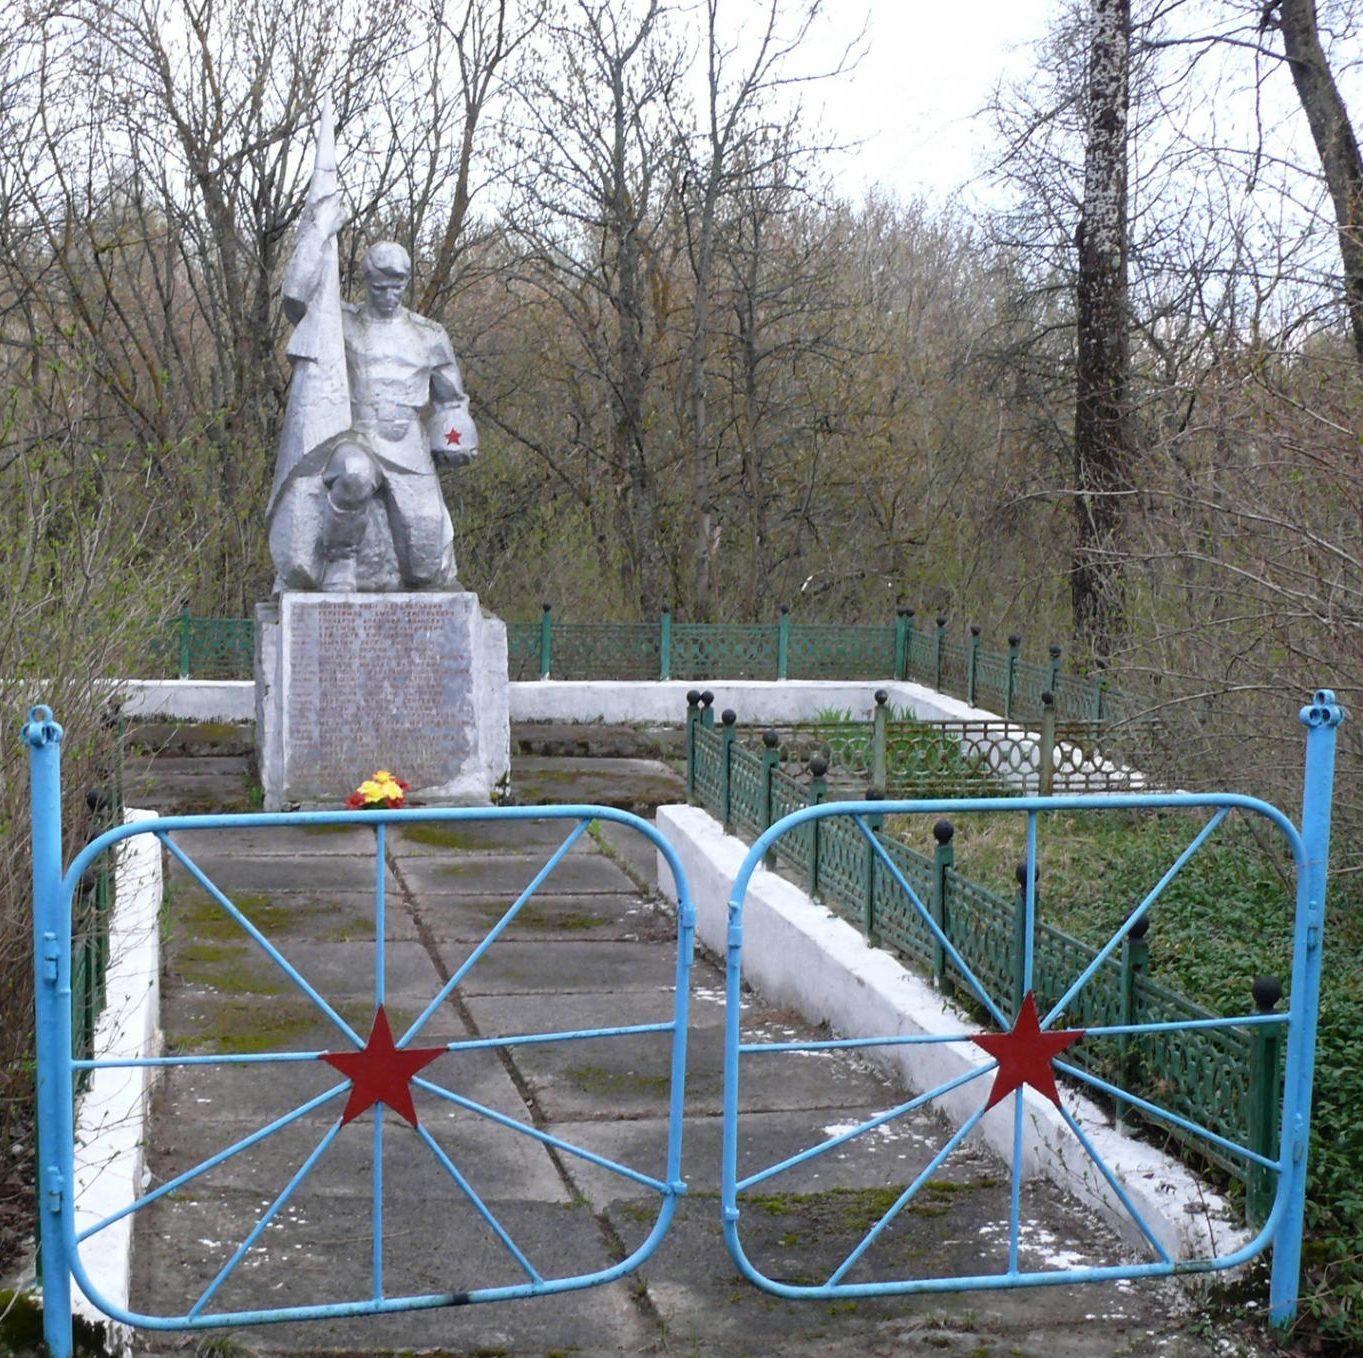 с. Новоселки, Чернобыльская зона отчуждения. Братская могила воинов 6-й гвардейской стрелковой дивизии, погибшие 10-12 ноября 1943 г.